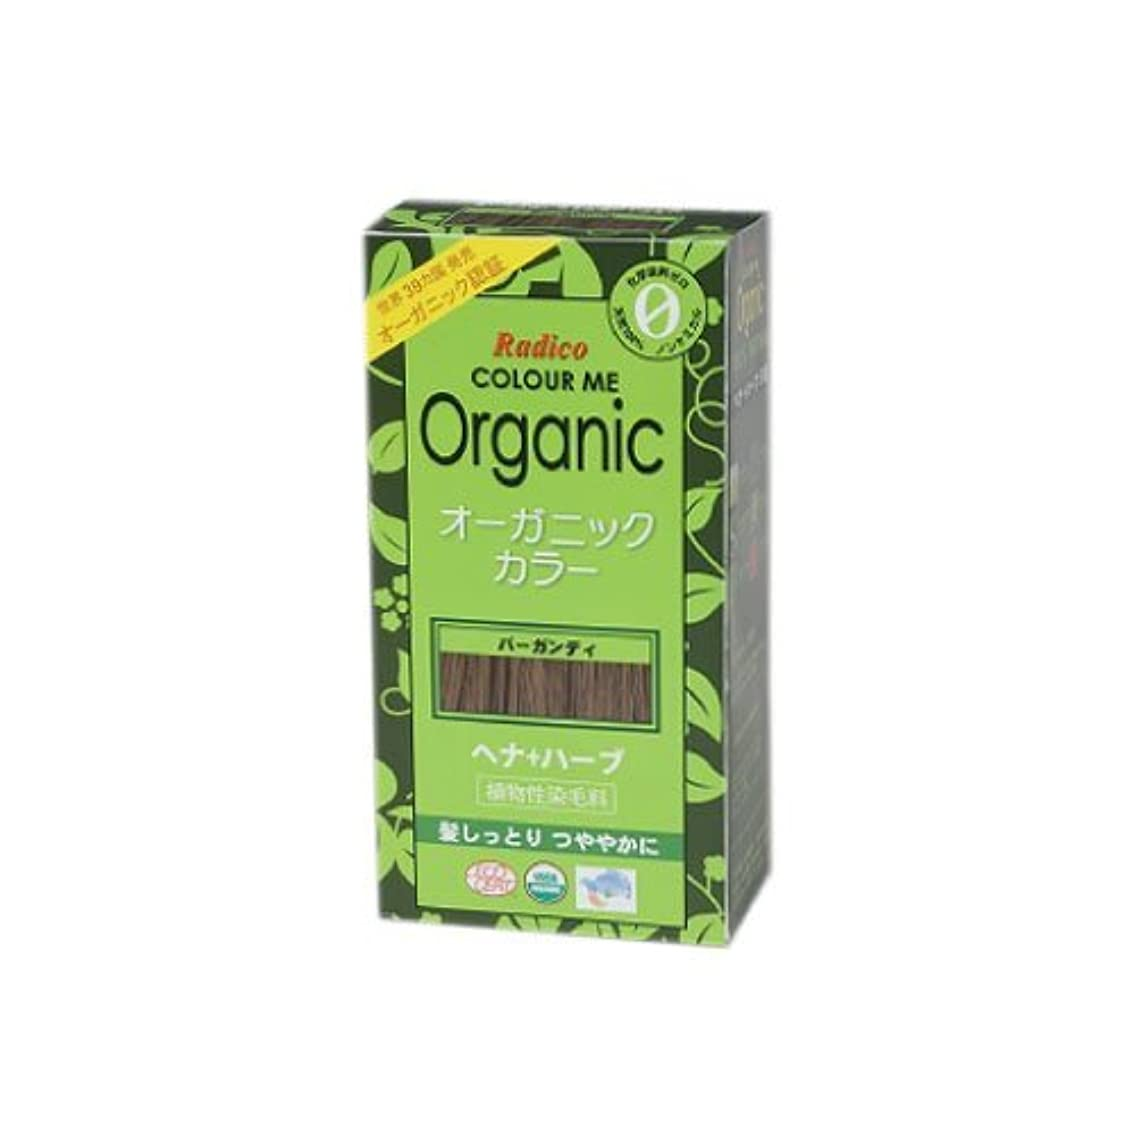 フェードアウトエントリ強制的COLOURME Organic (カラーミーオーガニック ヘナ 白髪用) バーガンディ 100g